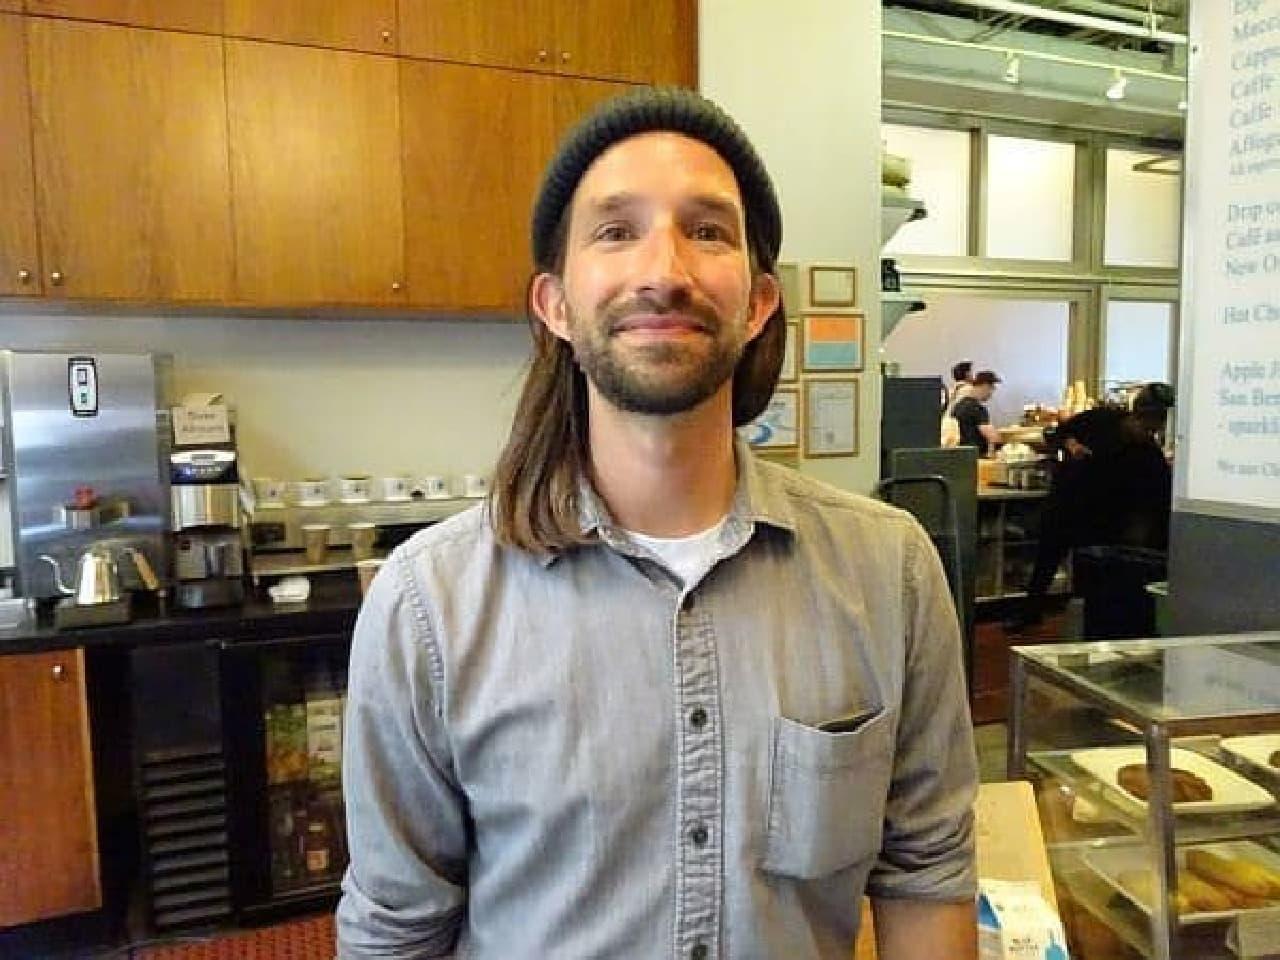 フェリービルディング店で Assistant Manager を務める Andrew Curry さん